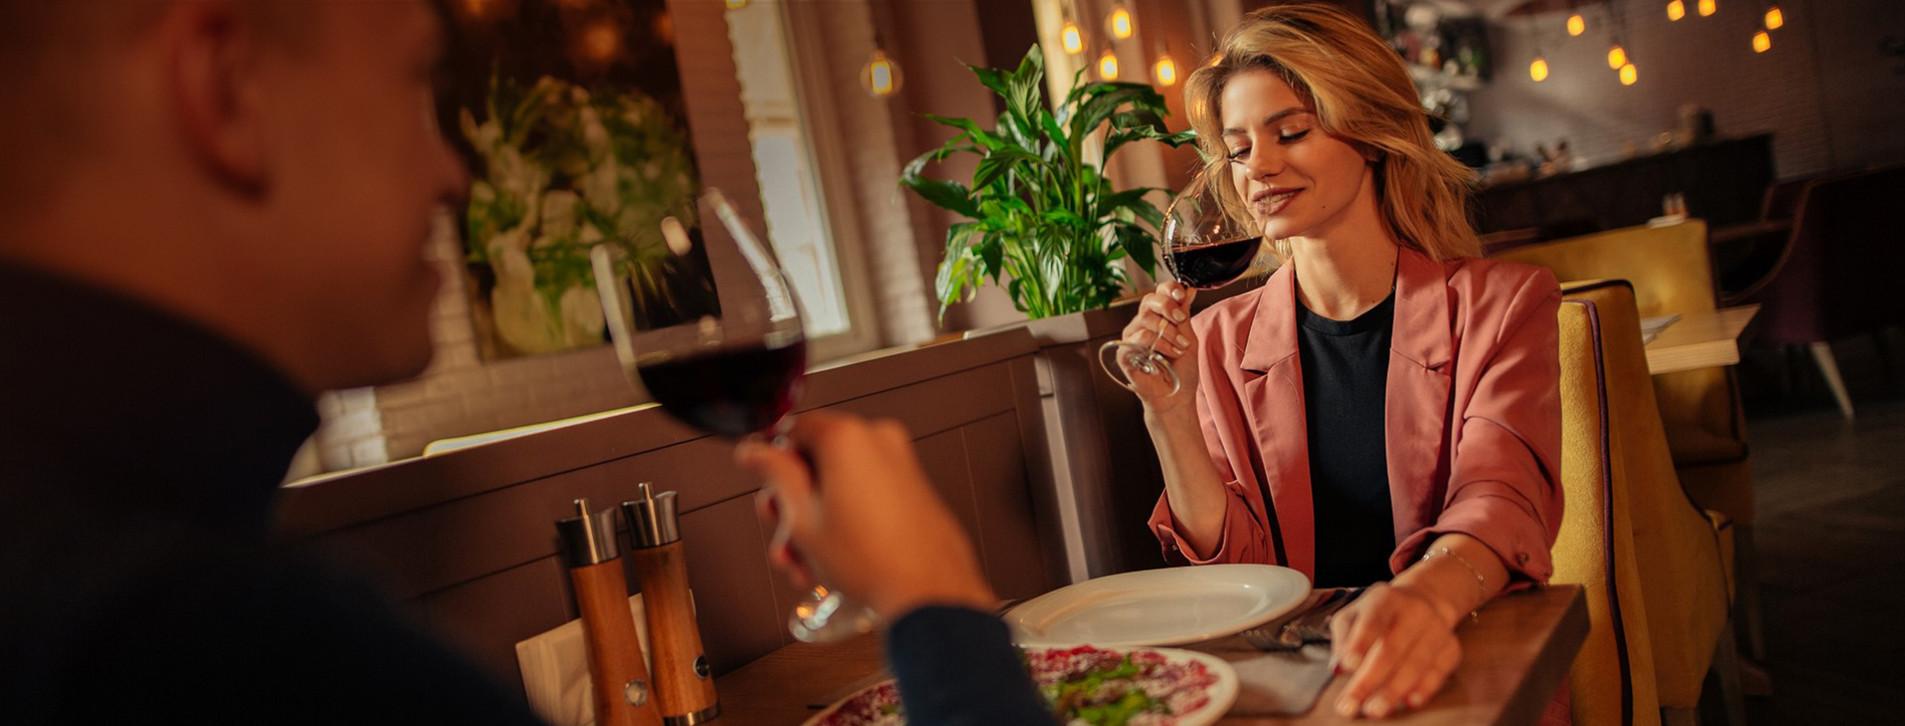 Фото - Вечеря в італійському ресторані